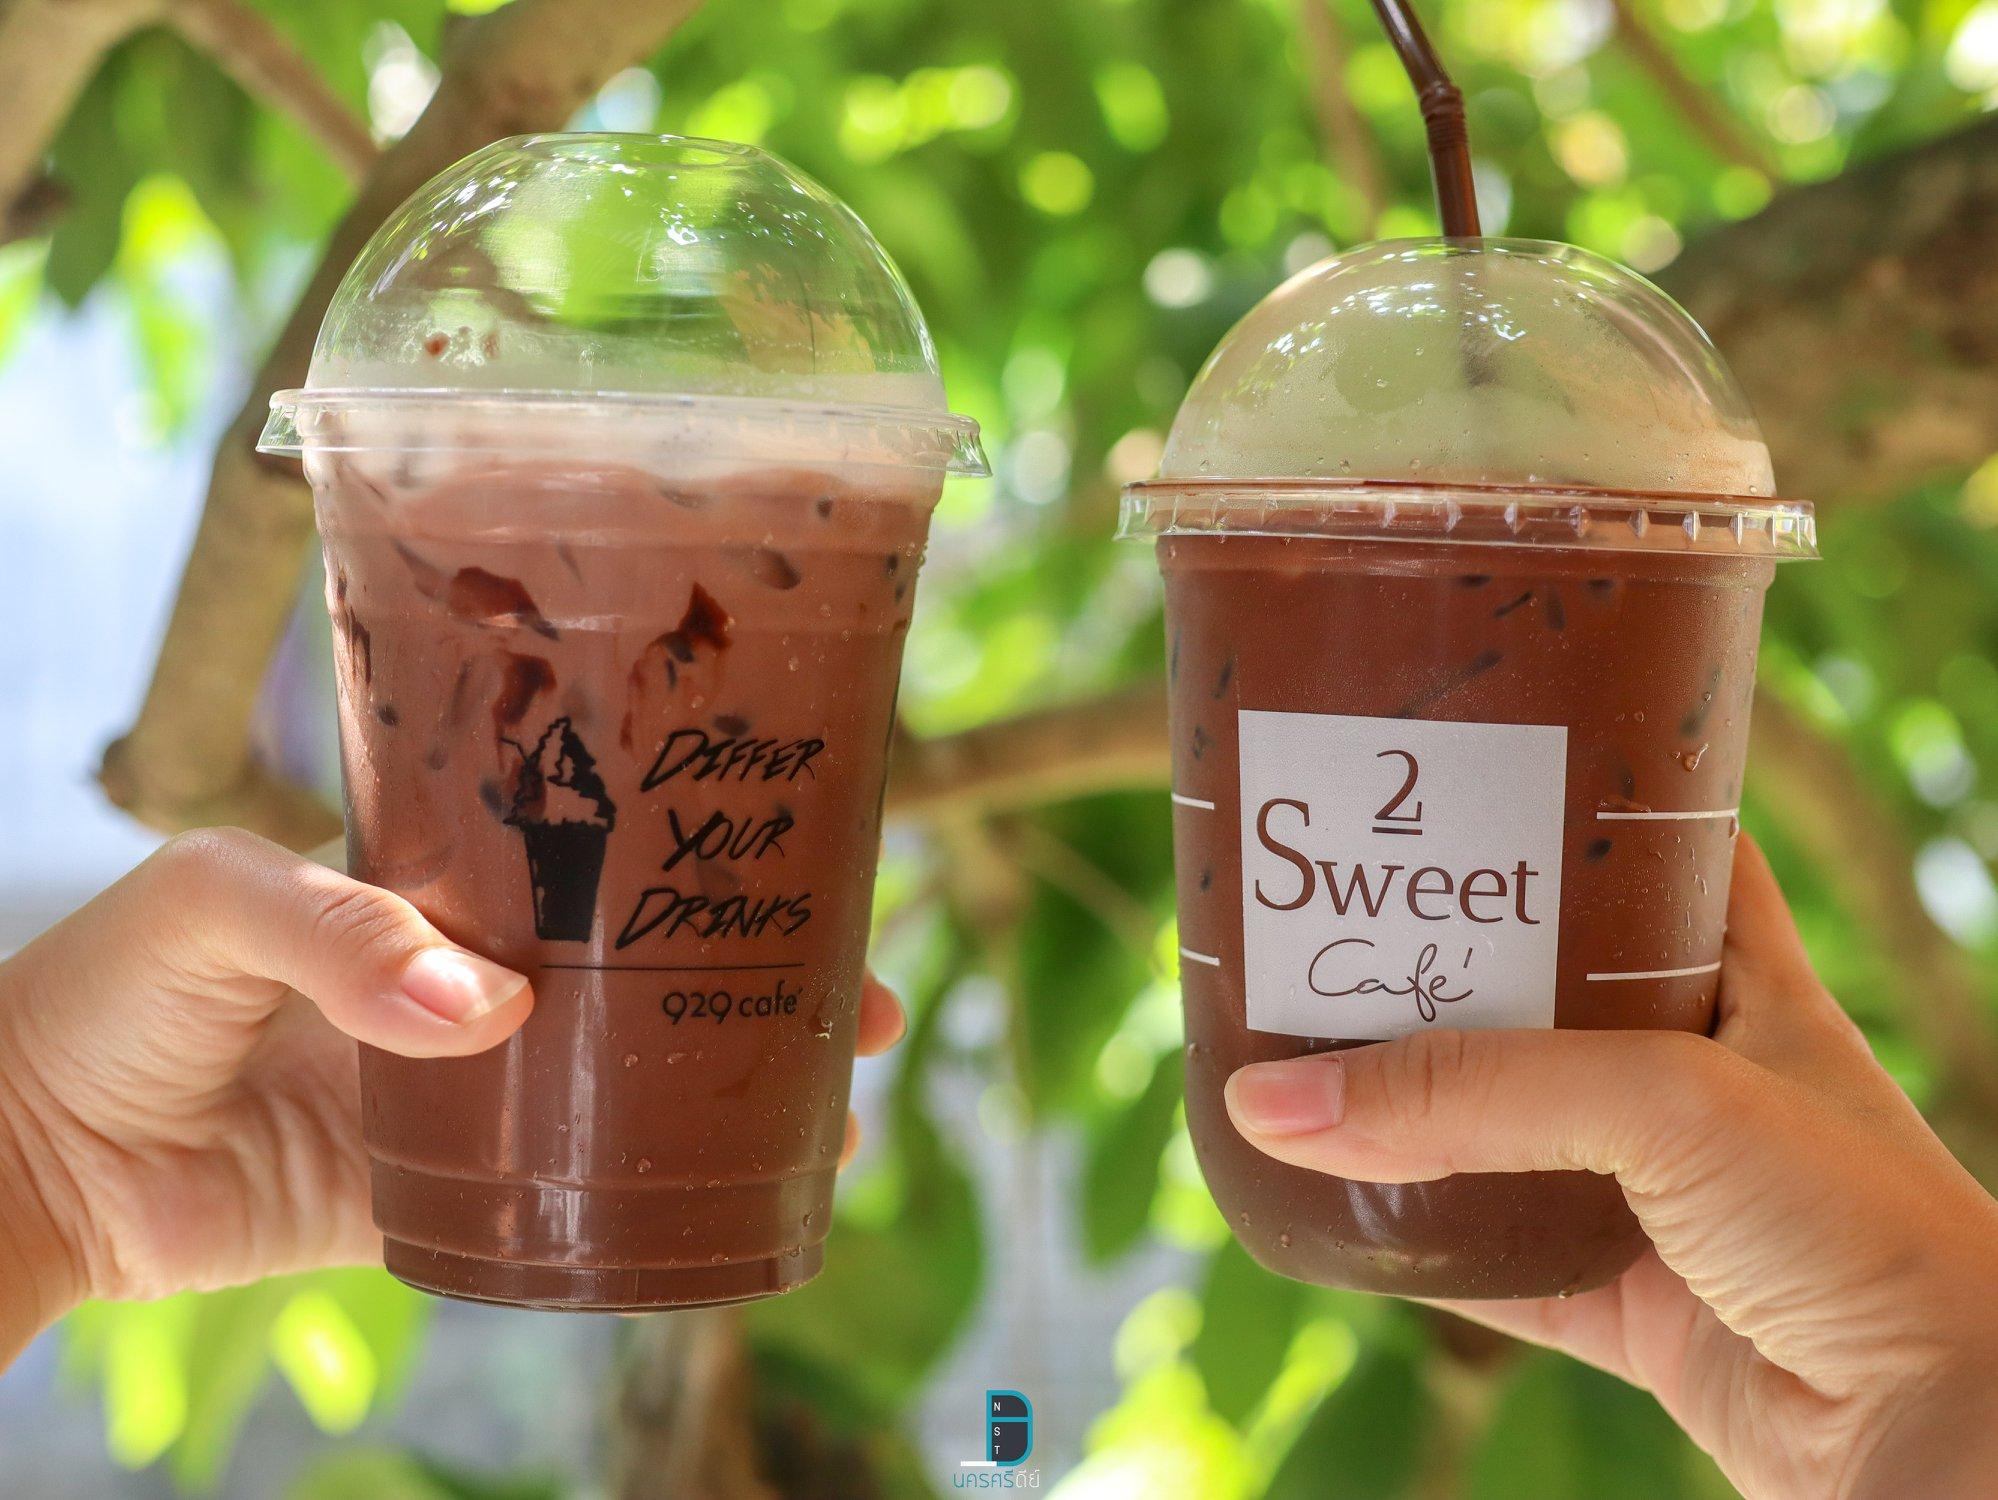 929 Cafe & 2 Sweet Cafeชาเขียว,มัจฉะ,โกโก้,อร่อยเด็ด,ช็อกโกแลต